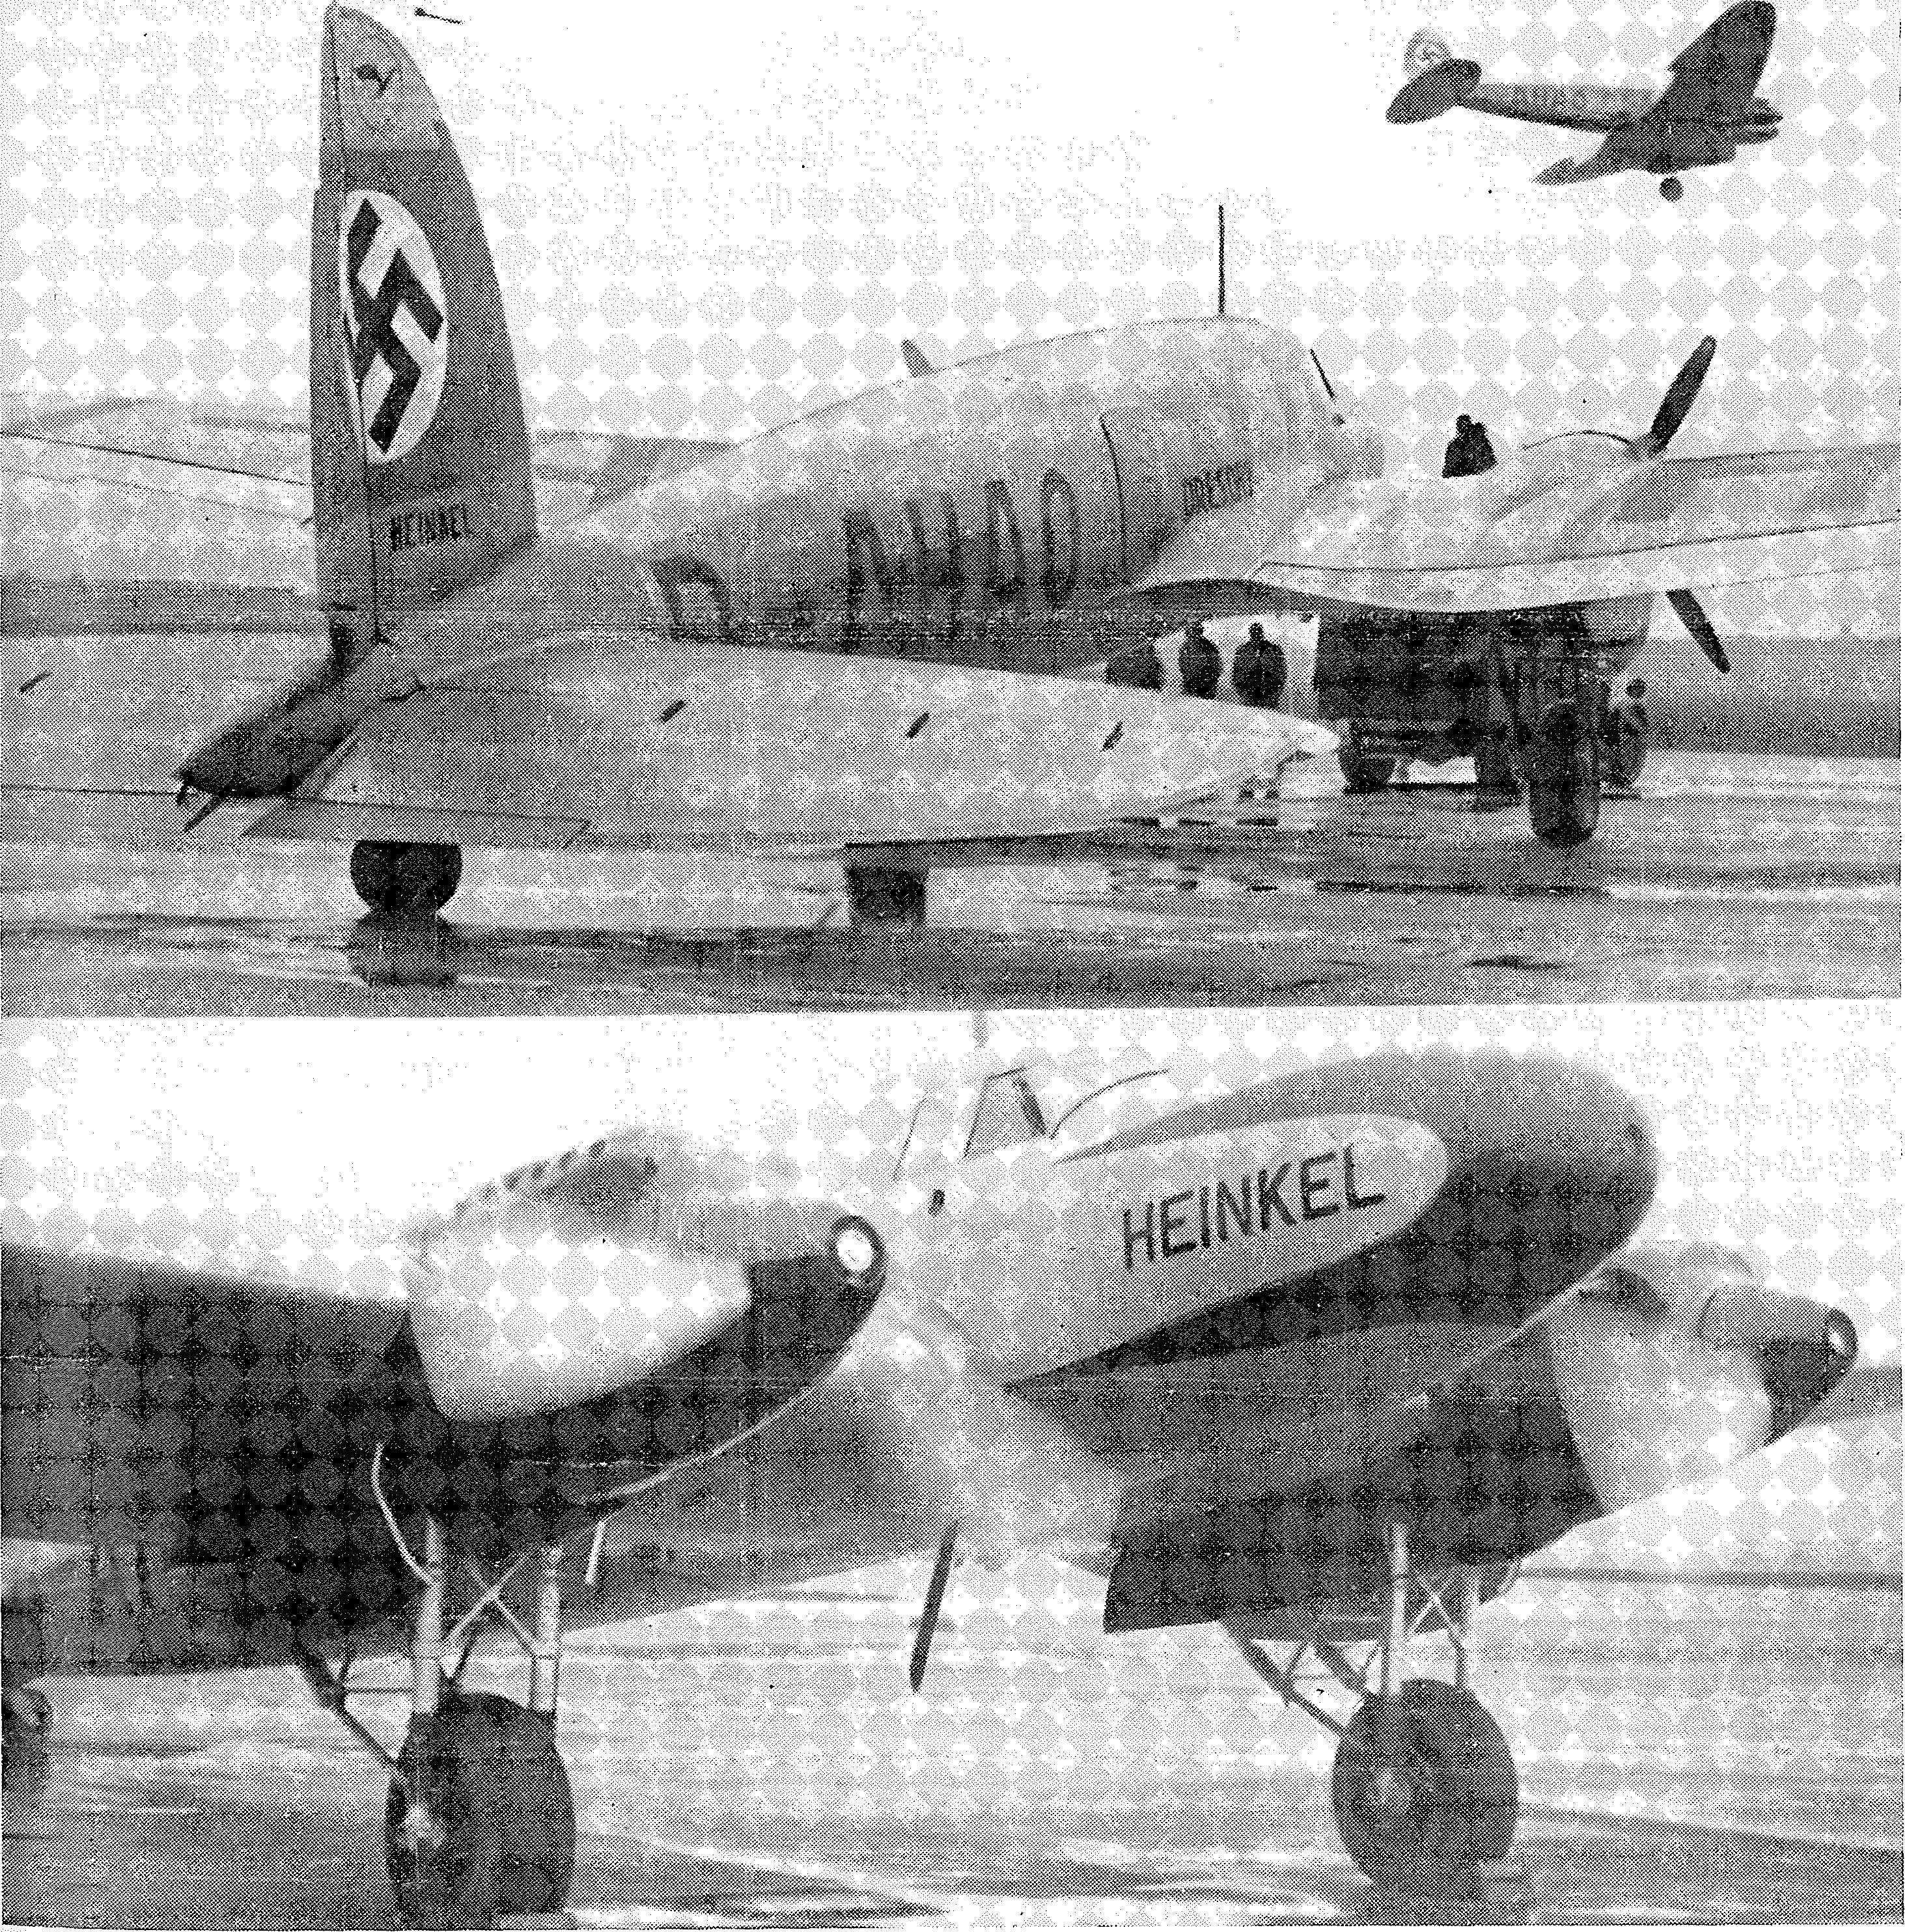 Luftfahrt und Luftverkehr sowie Luftwaffe im Dritten Reich 1936